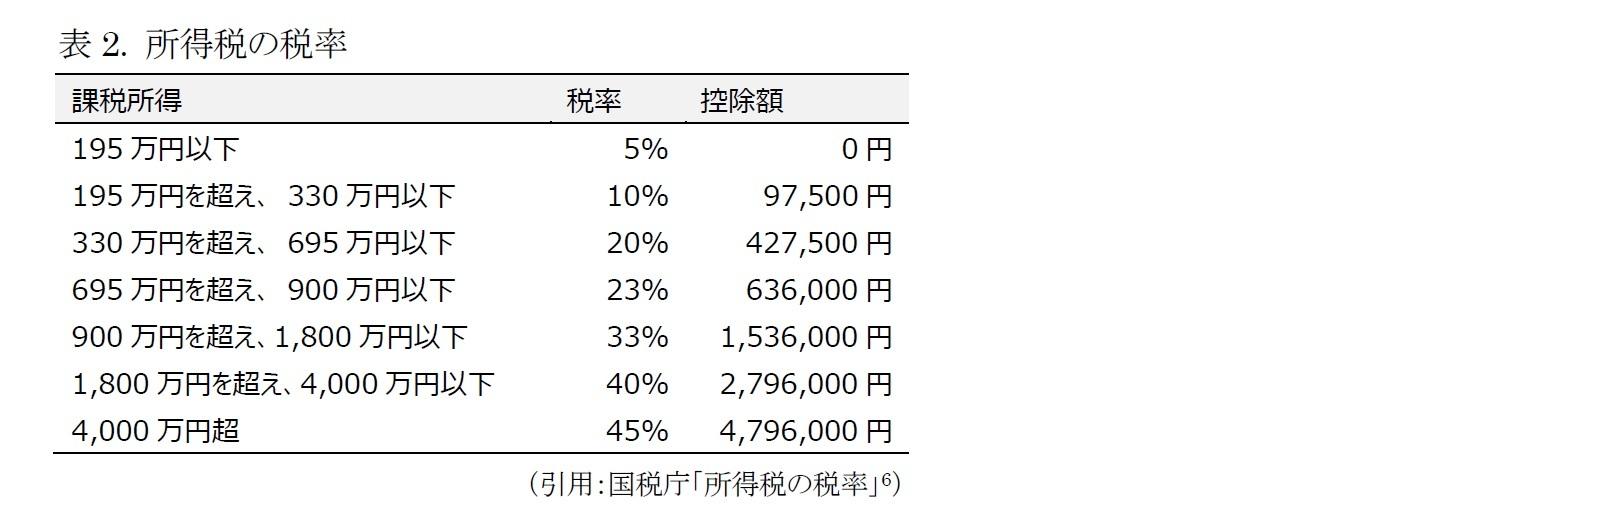 表2. 所得税の税率